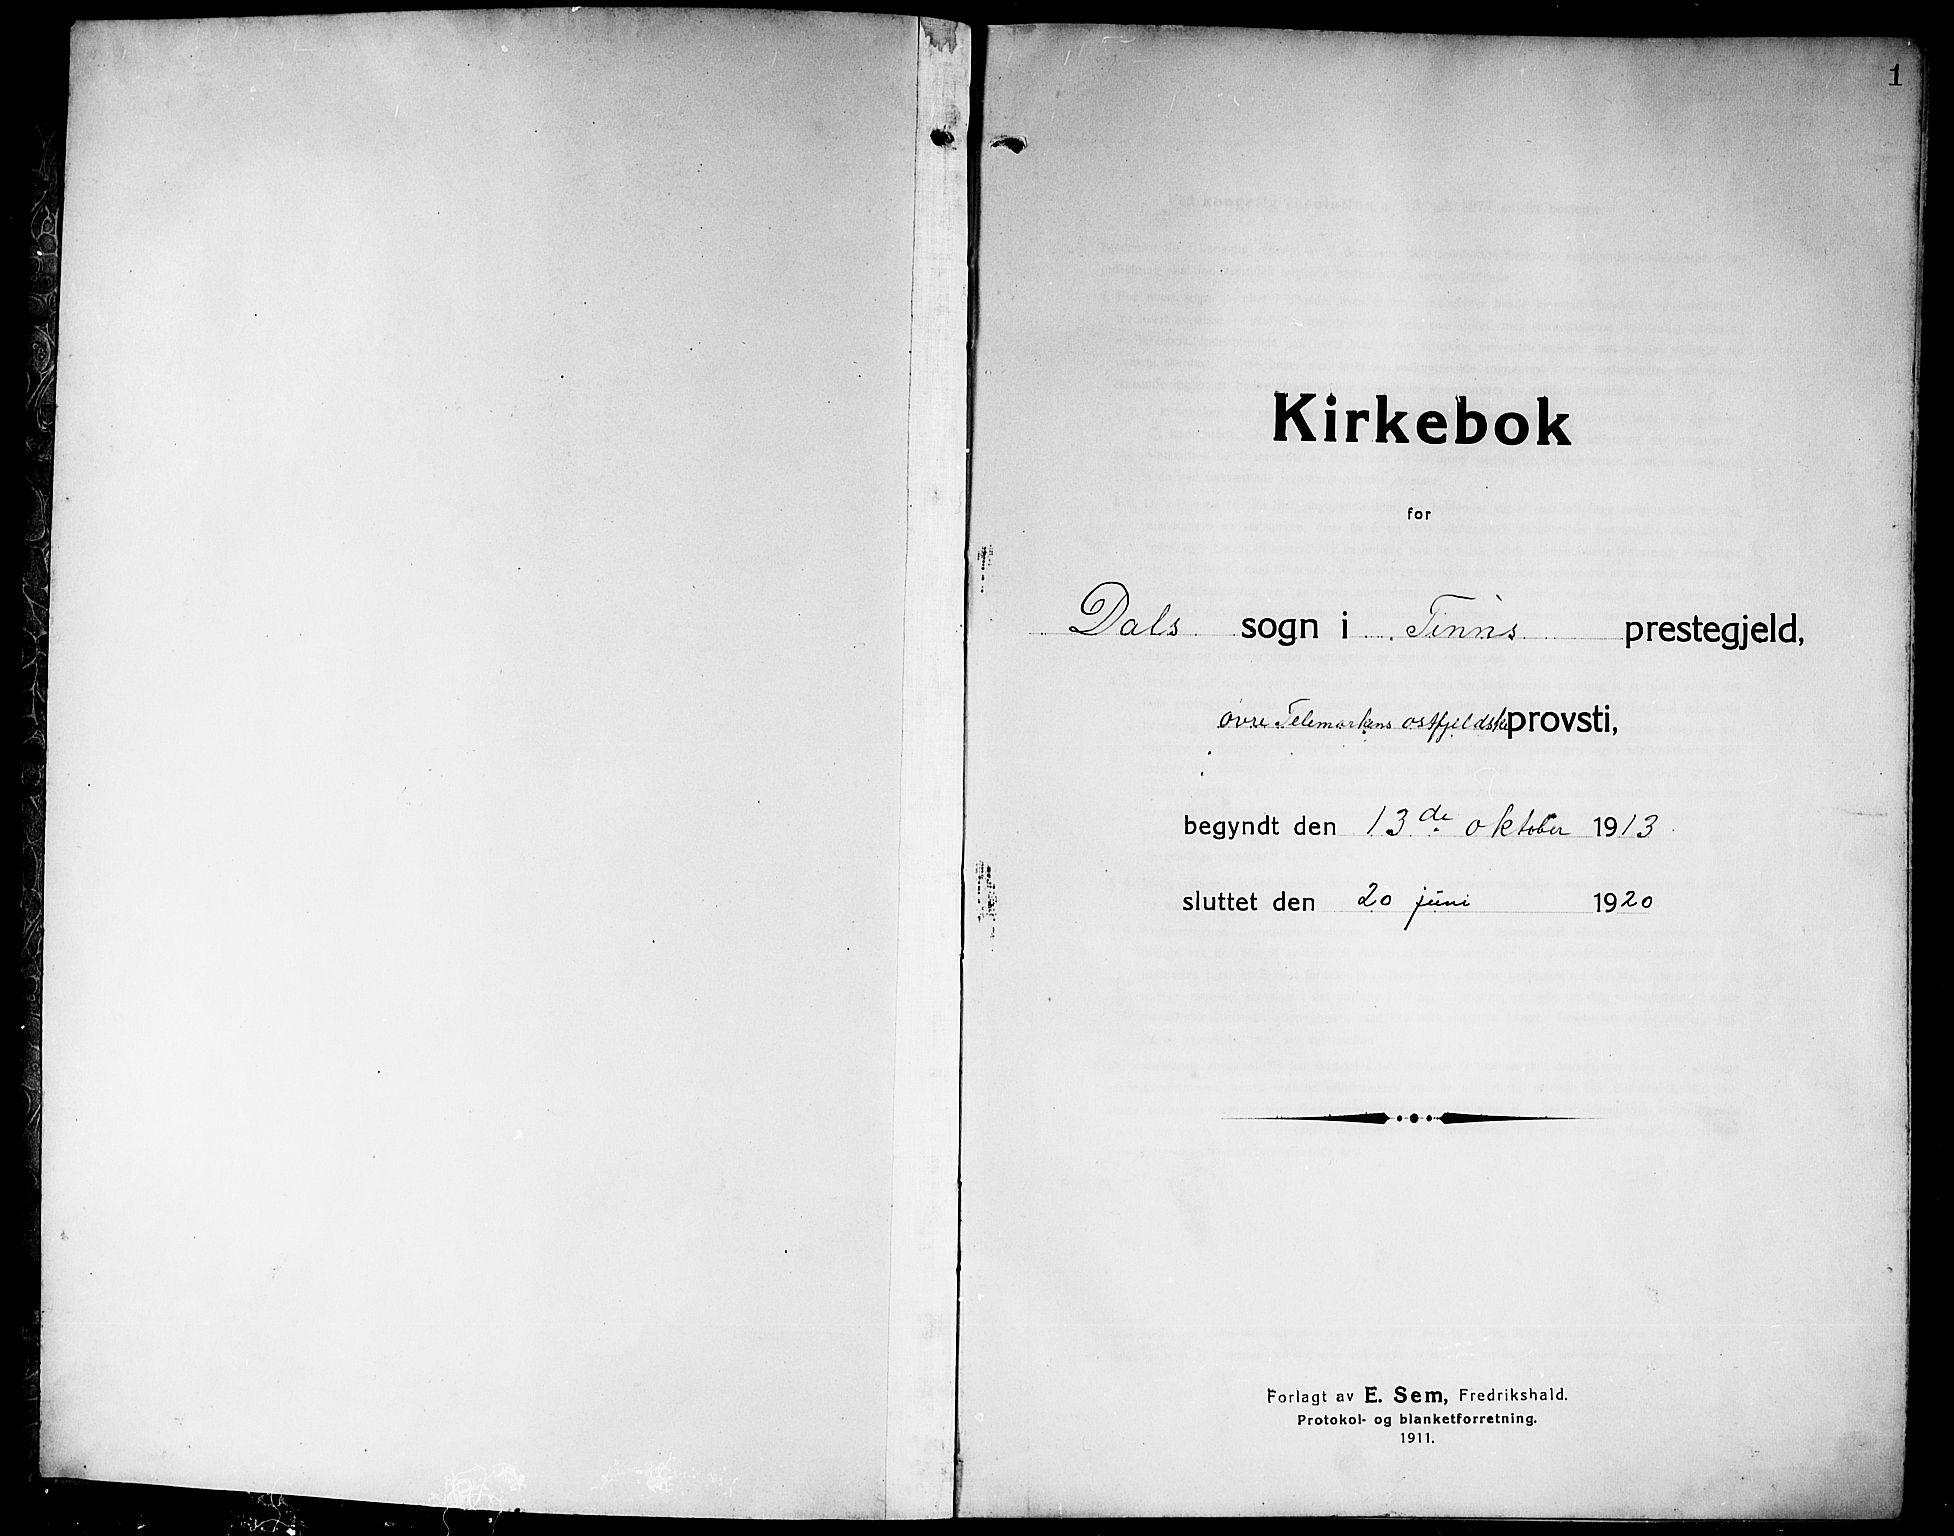 SAKO, Rjukan kirkebøker, G/Ga/L0002: Klokkerbok nr. 2, 1913-1920, s. 1